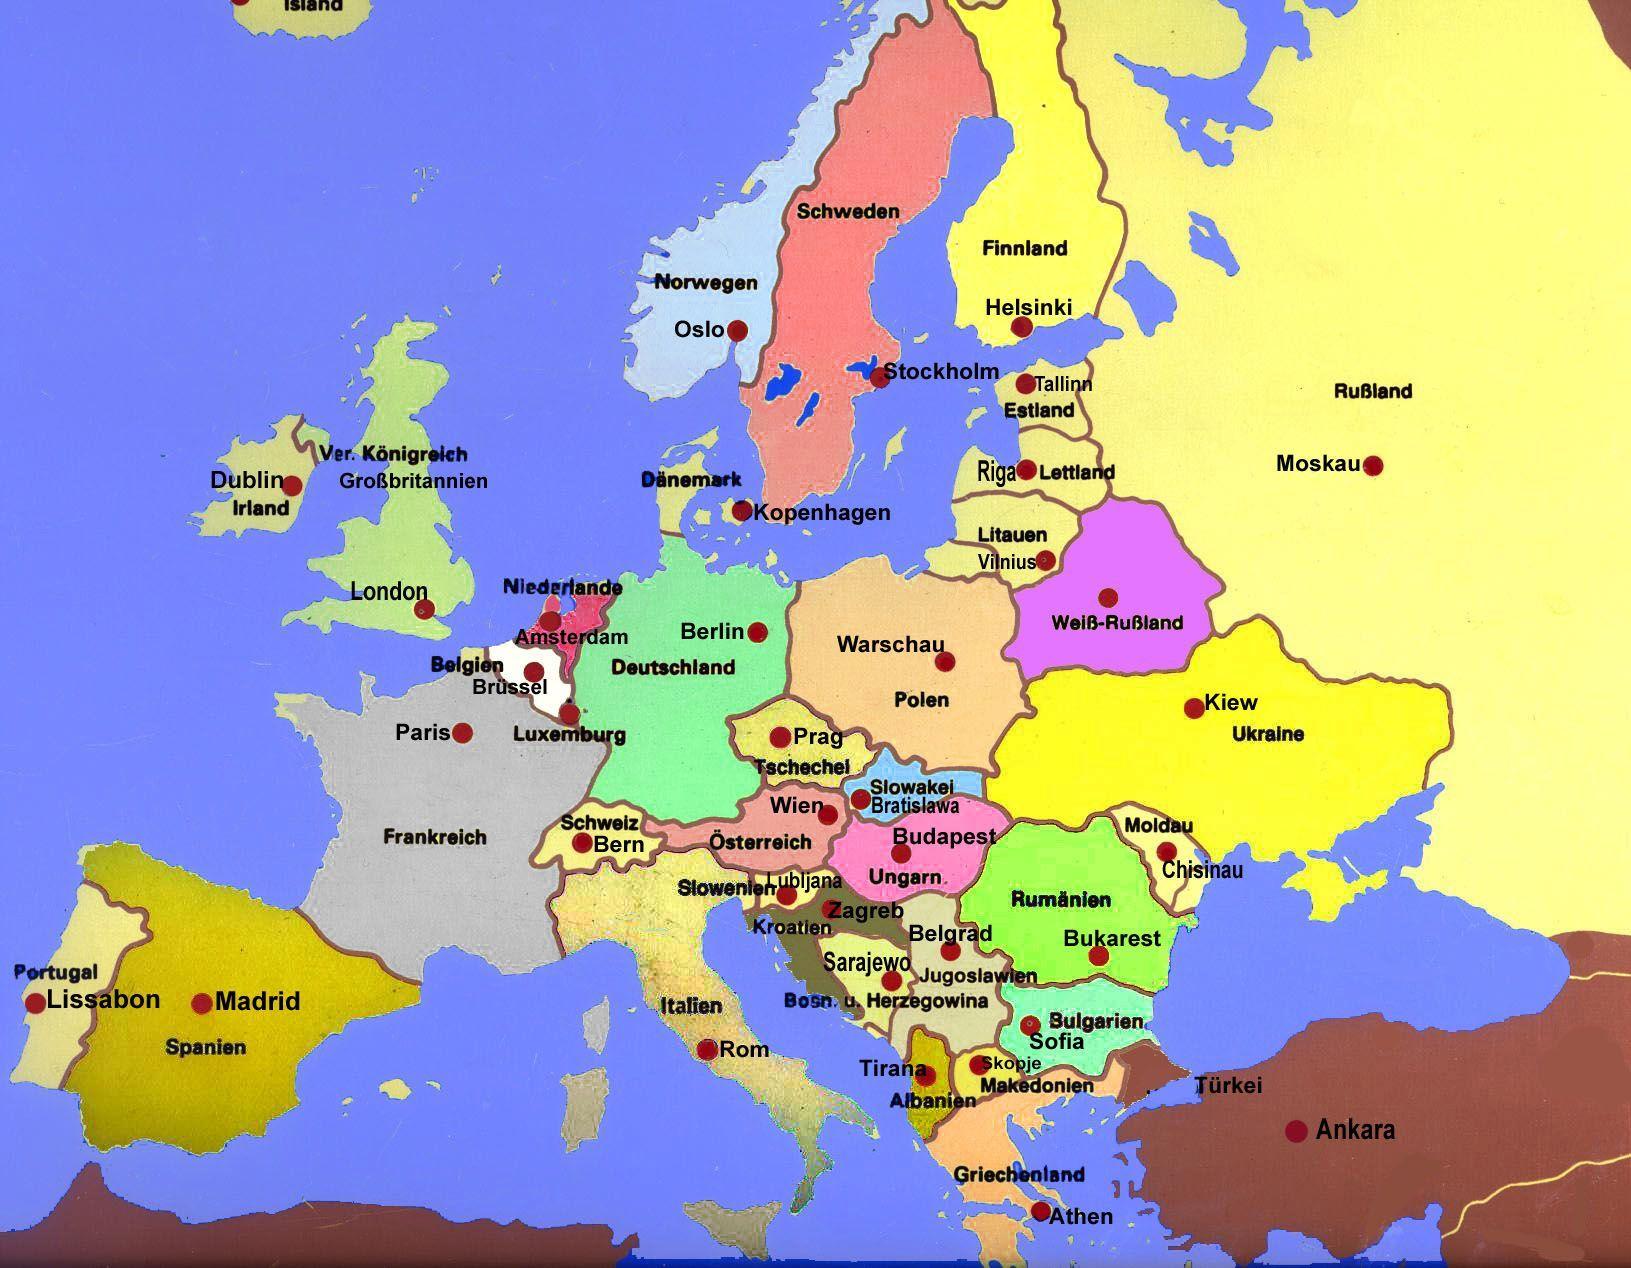 Reisefhrer Hauptstdte Europaeuropa Hauptstadte Europa